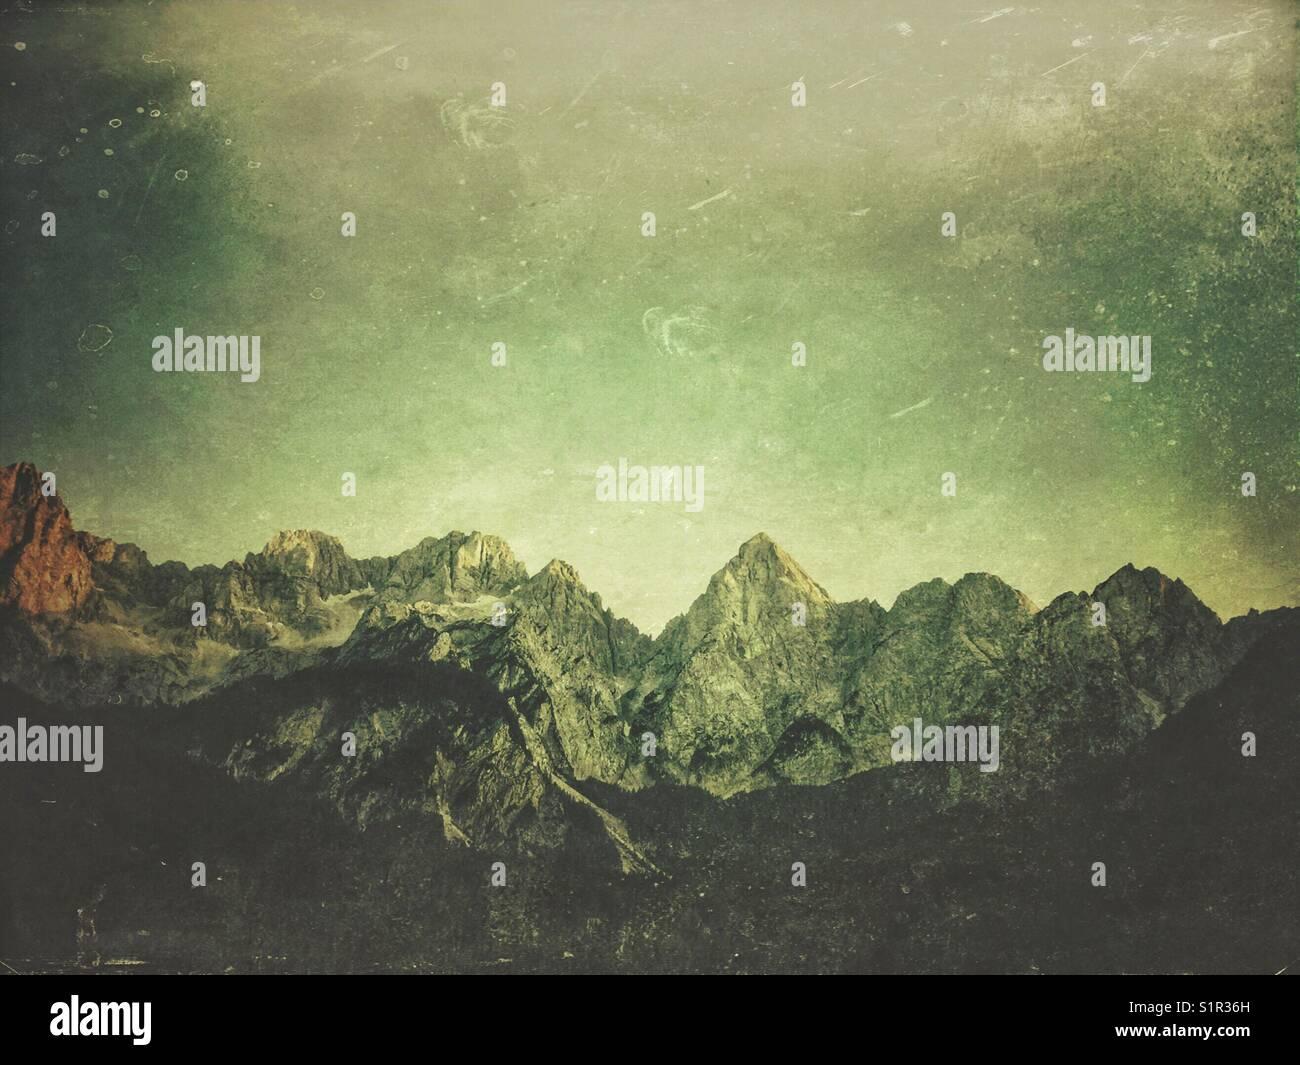 Chaîne de montagne martuljek, Alpes juliennes, en Slovénie Photo Stock